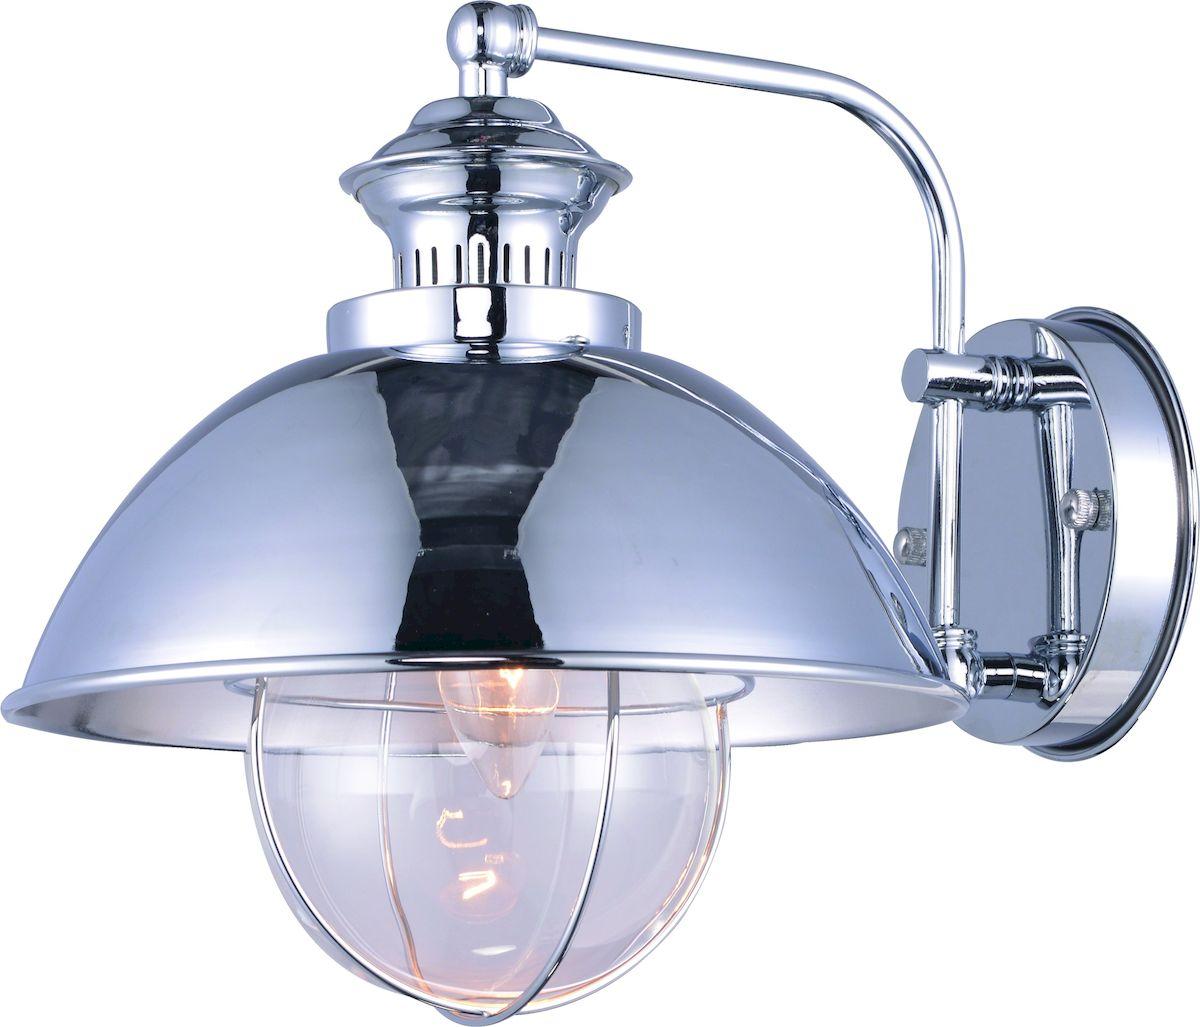 Светильник настенный Arte Lamp Nautilus, цвет: зеребристый. A8024AP-1CCA8024AP-1CCСветильник Arte Lamp Nautilus поможет создать в вашем доме атмосферу уюта и комфорта. Благодаря высококачественным материалам он практичен в использовании и отлично работает на протяжении долгого периода времени. Цоколь Е27, 1 шт, 60 Вт. Пылевлагозащита: IP20.